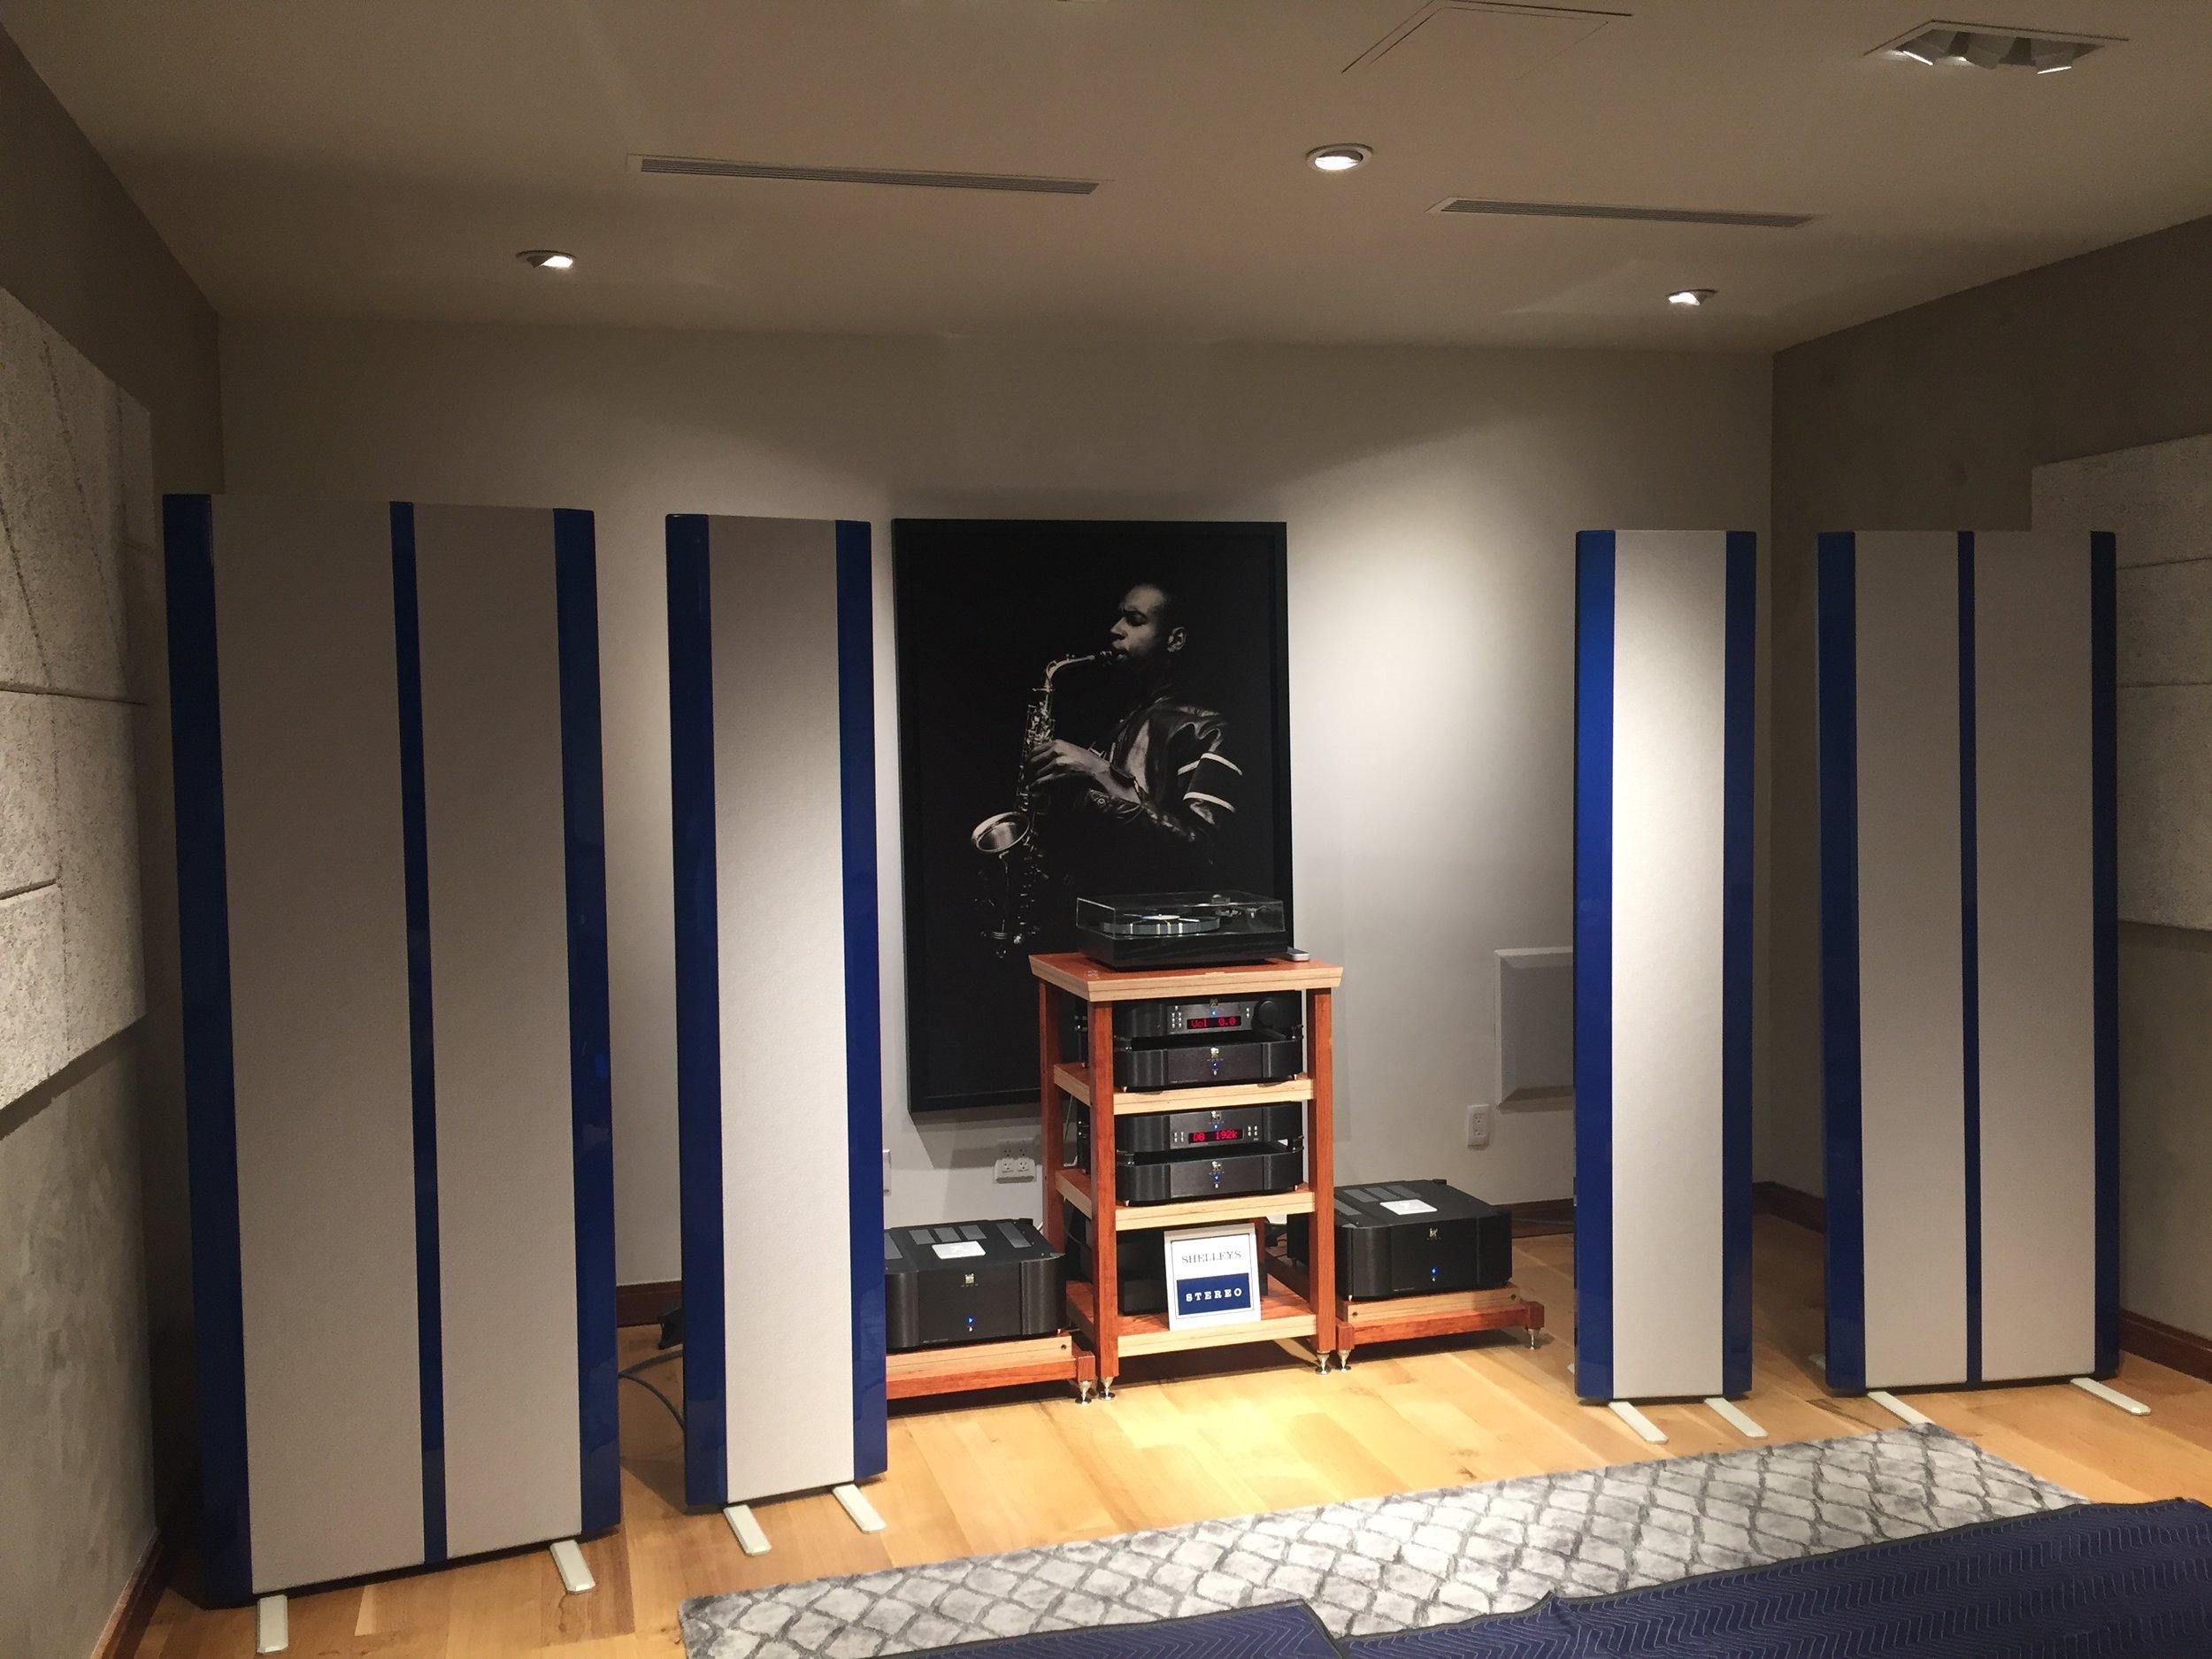 2-IMG_0021 Audio Room Setup.jpg